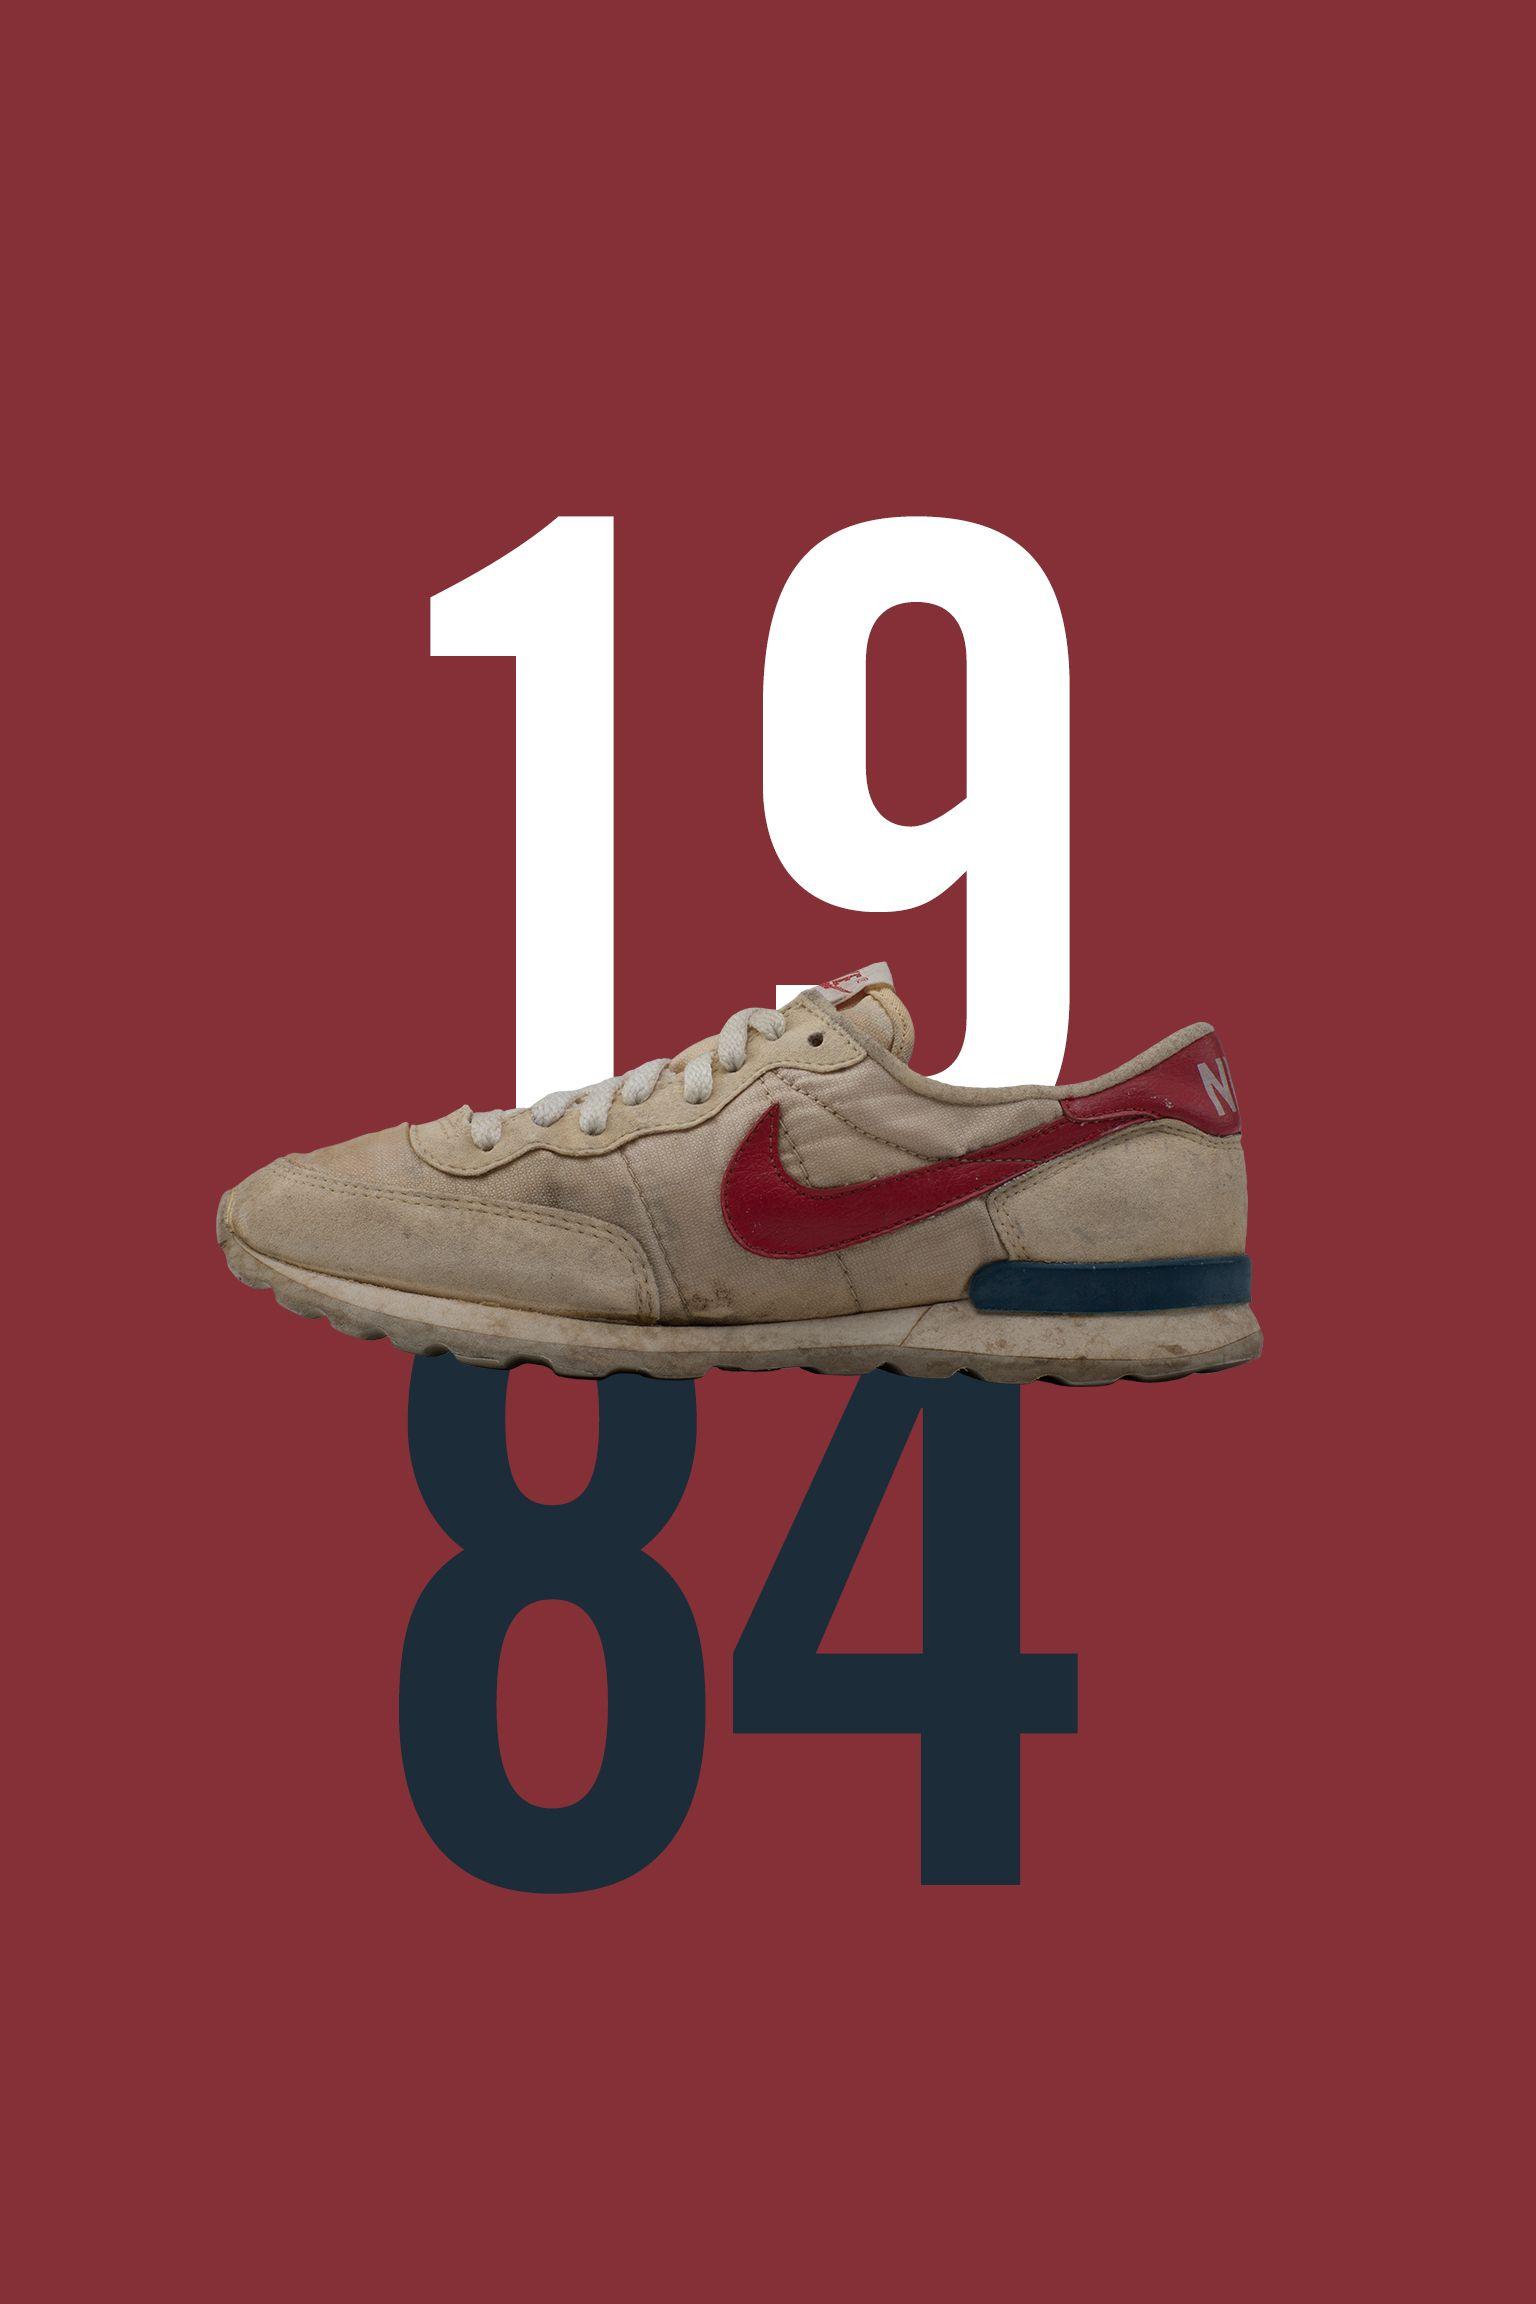 Ez a nap a sportcipők történelmében: Nike Daybreak